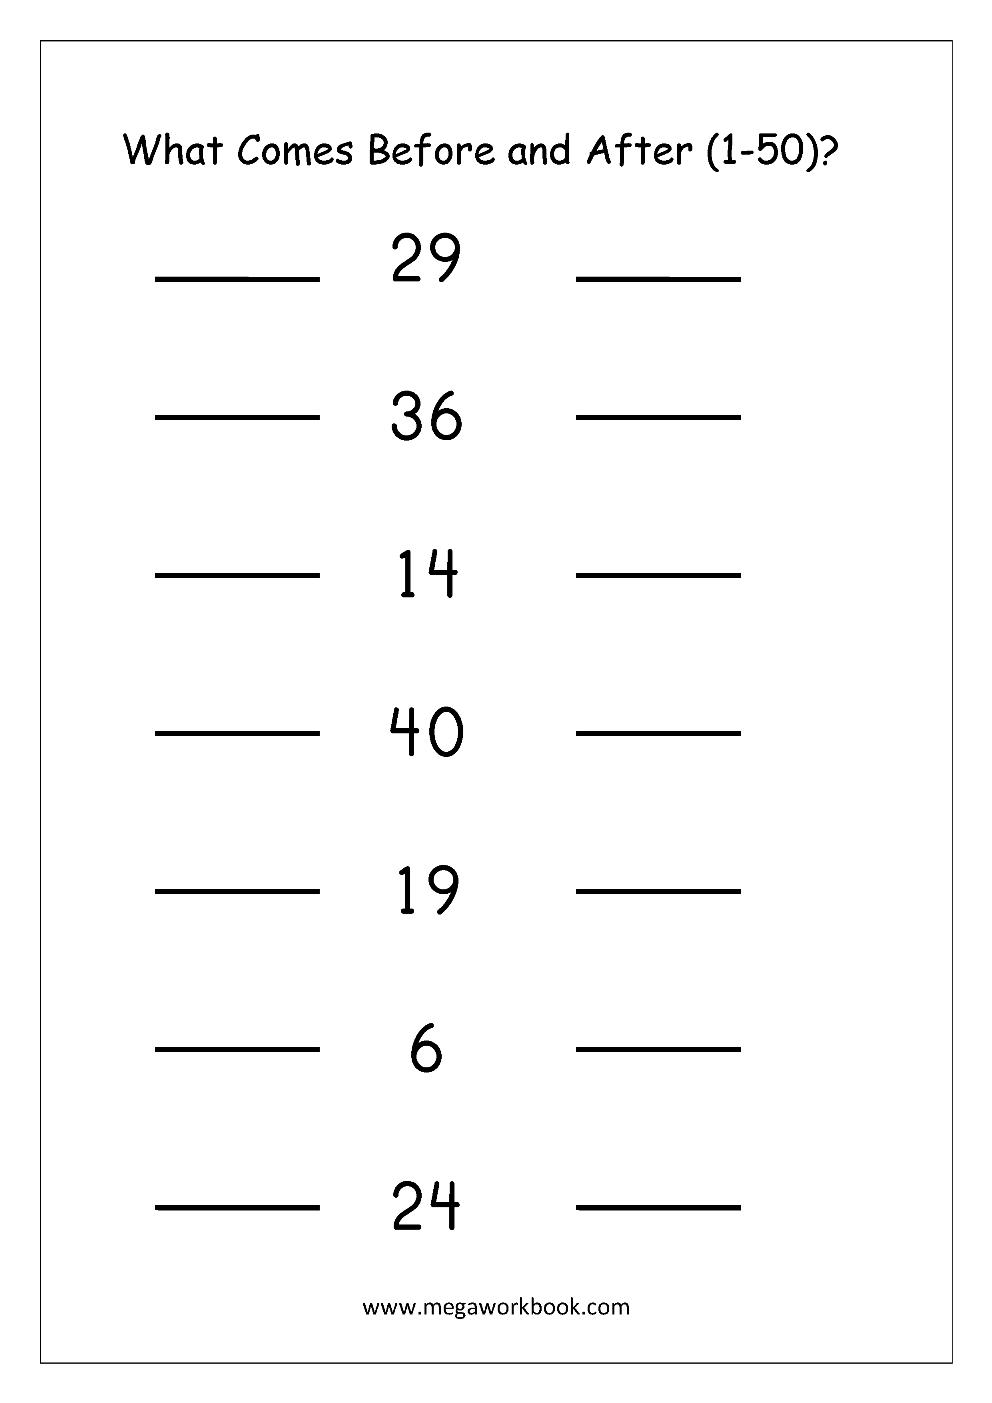 Free Printable Number Order Worksheets - Missing Numbers (1-10, 1-20 ...